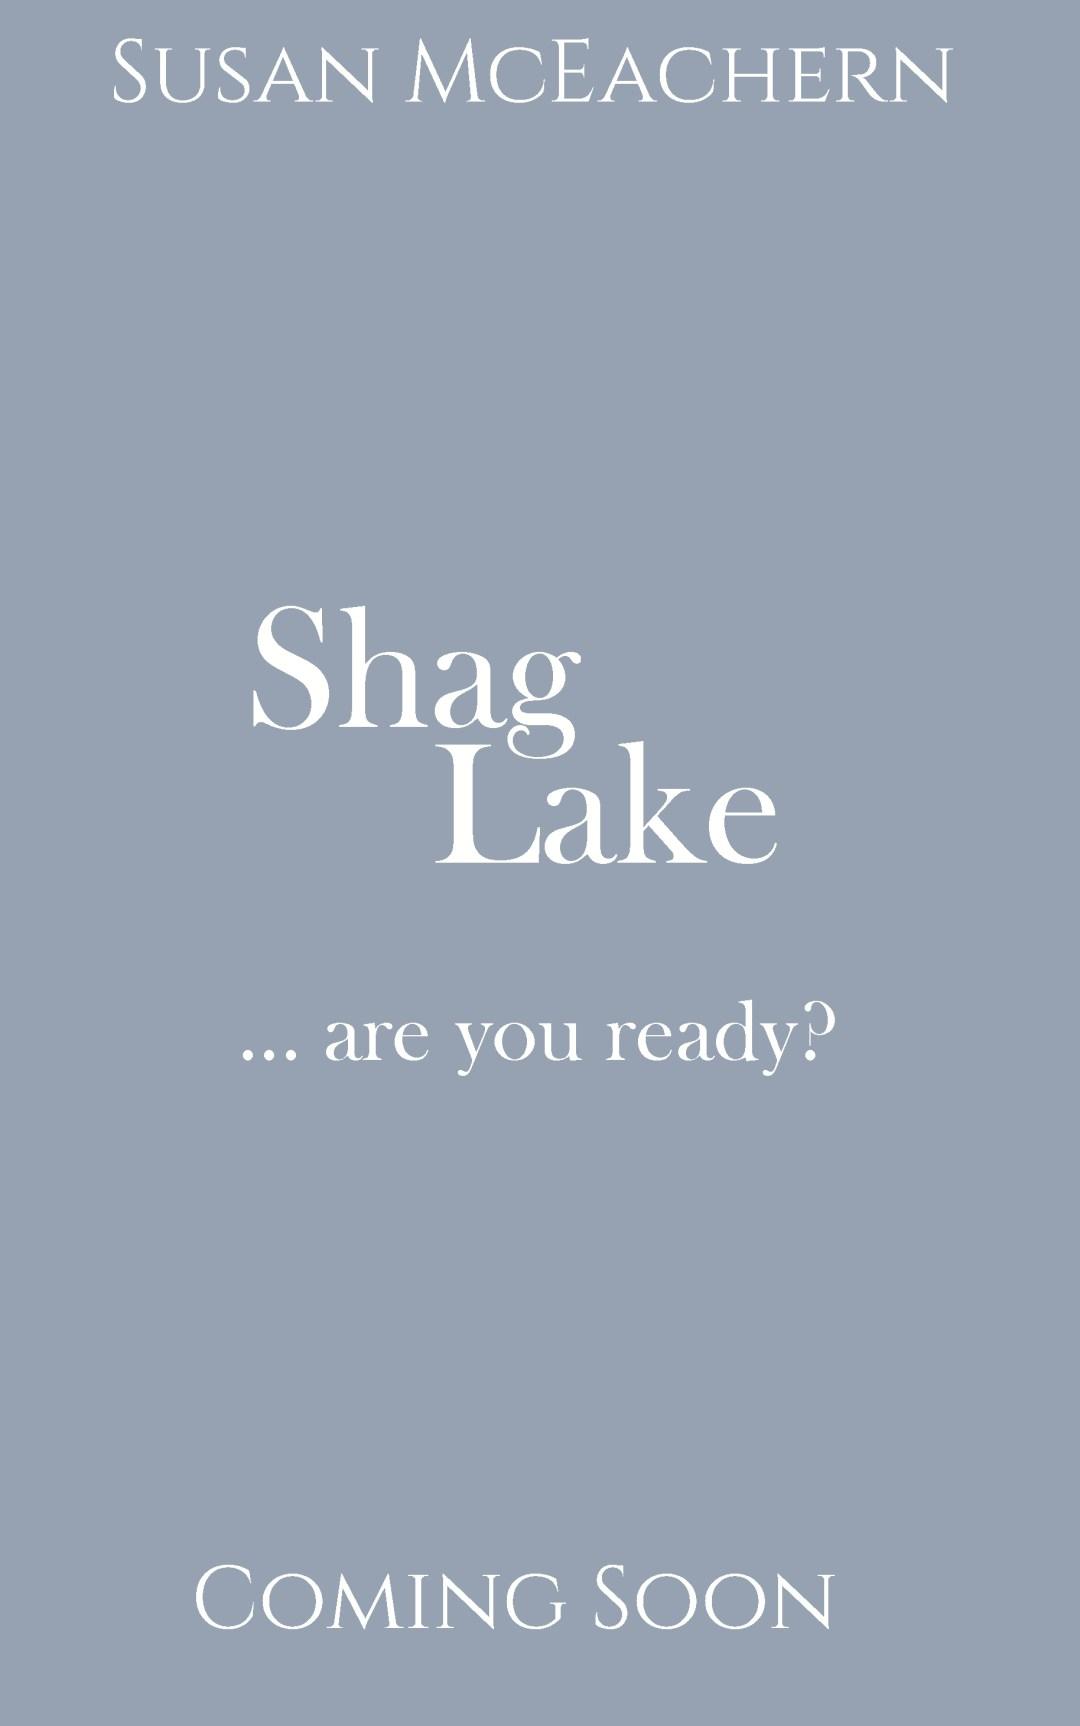 Shag Lake, by Susan McEachern